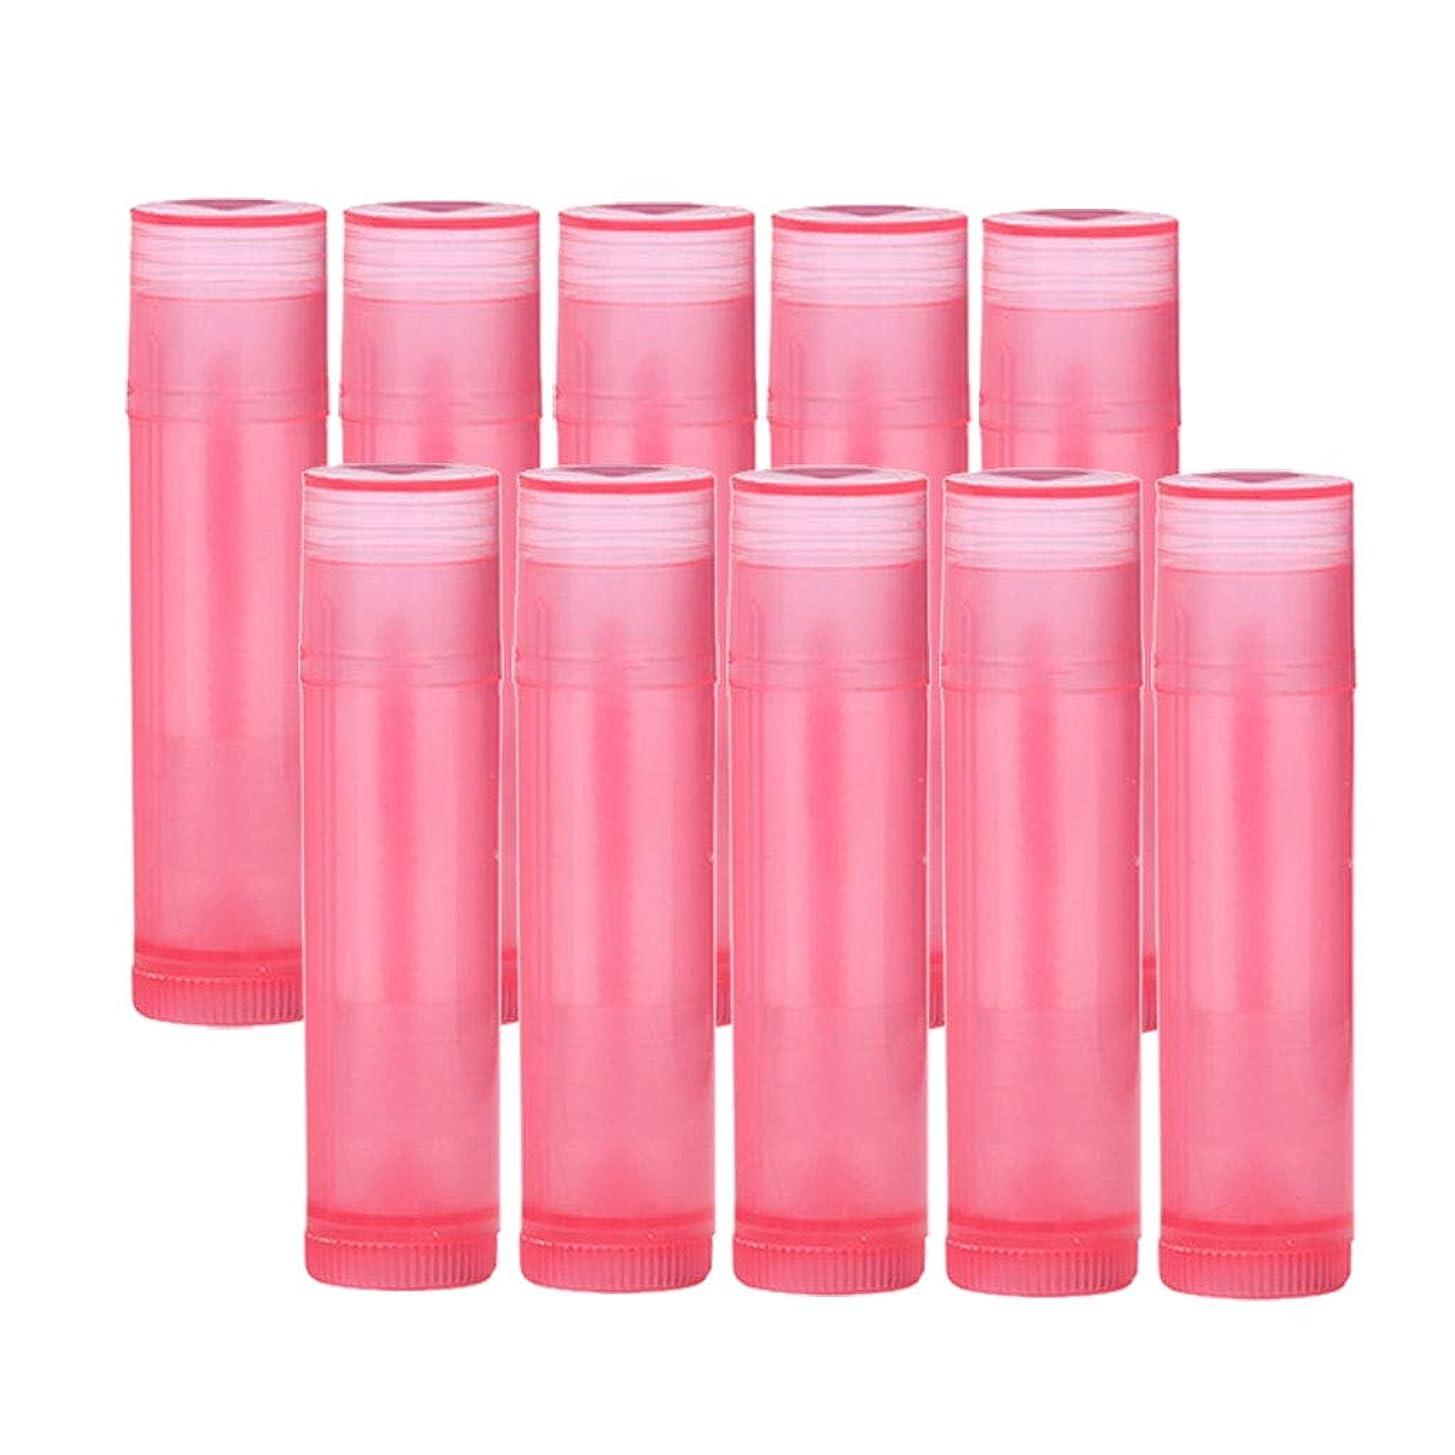 人気耐えられる驚SM SunniMix 空 口紅容器 口紅ボトル 口紅の管 口紅コンテナ 10個 全7色 - ローズレッド